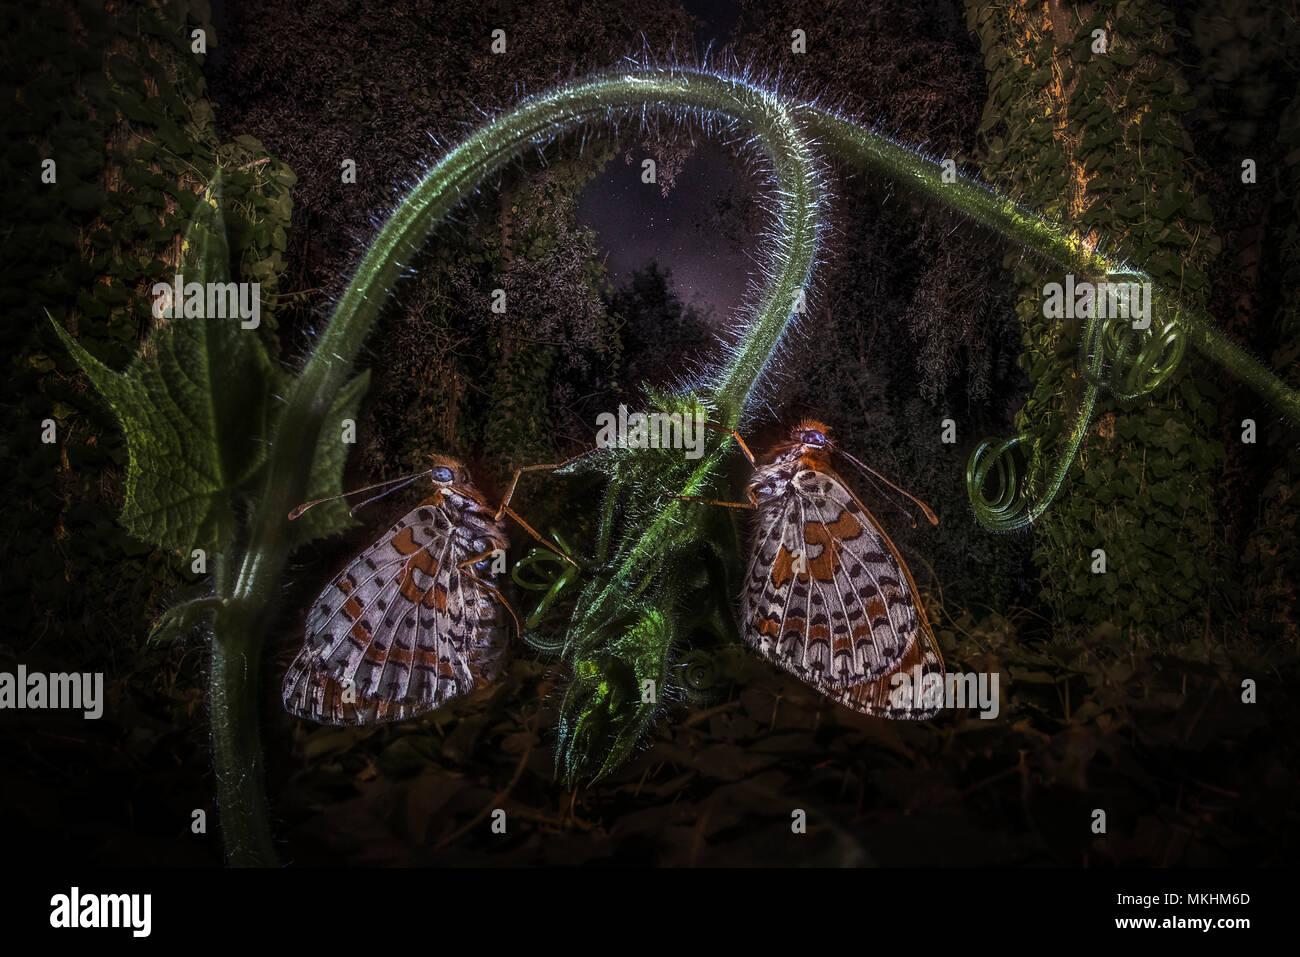 Dos mariposas Speyeria Melitaea (sp) descansando en un bosque de noche, Mantova, Lombardía, Italia Foto de stock